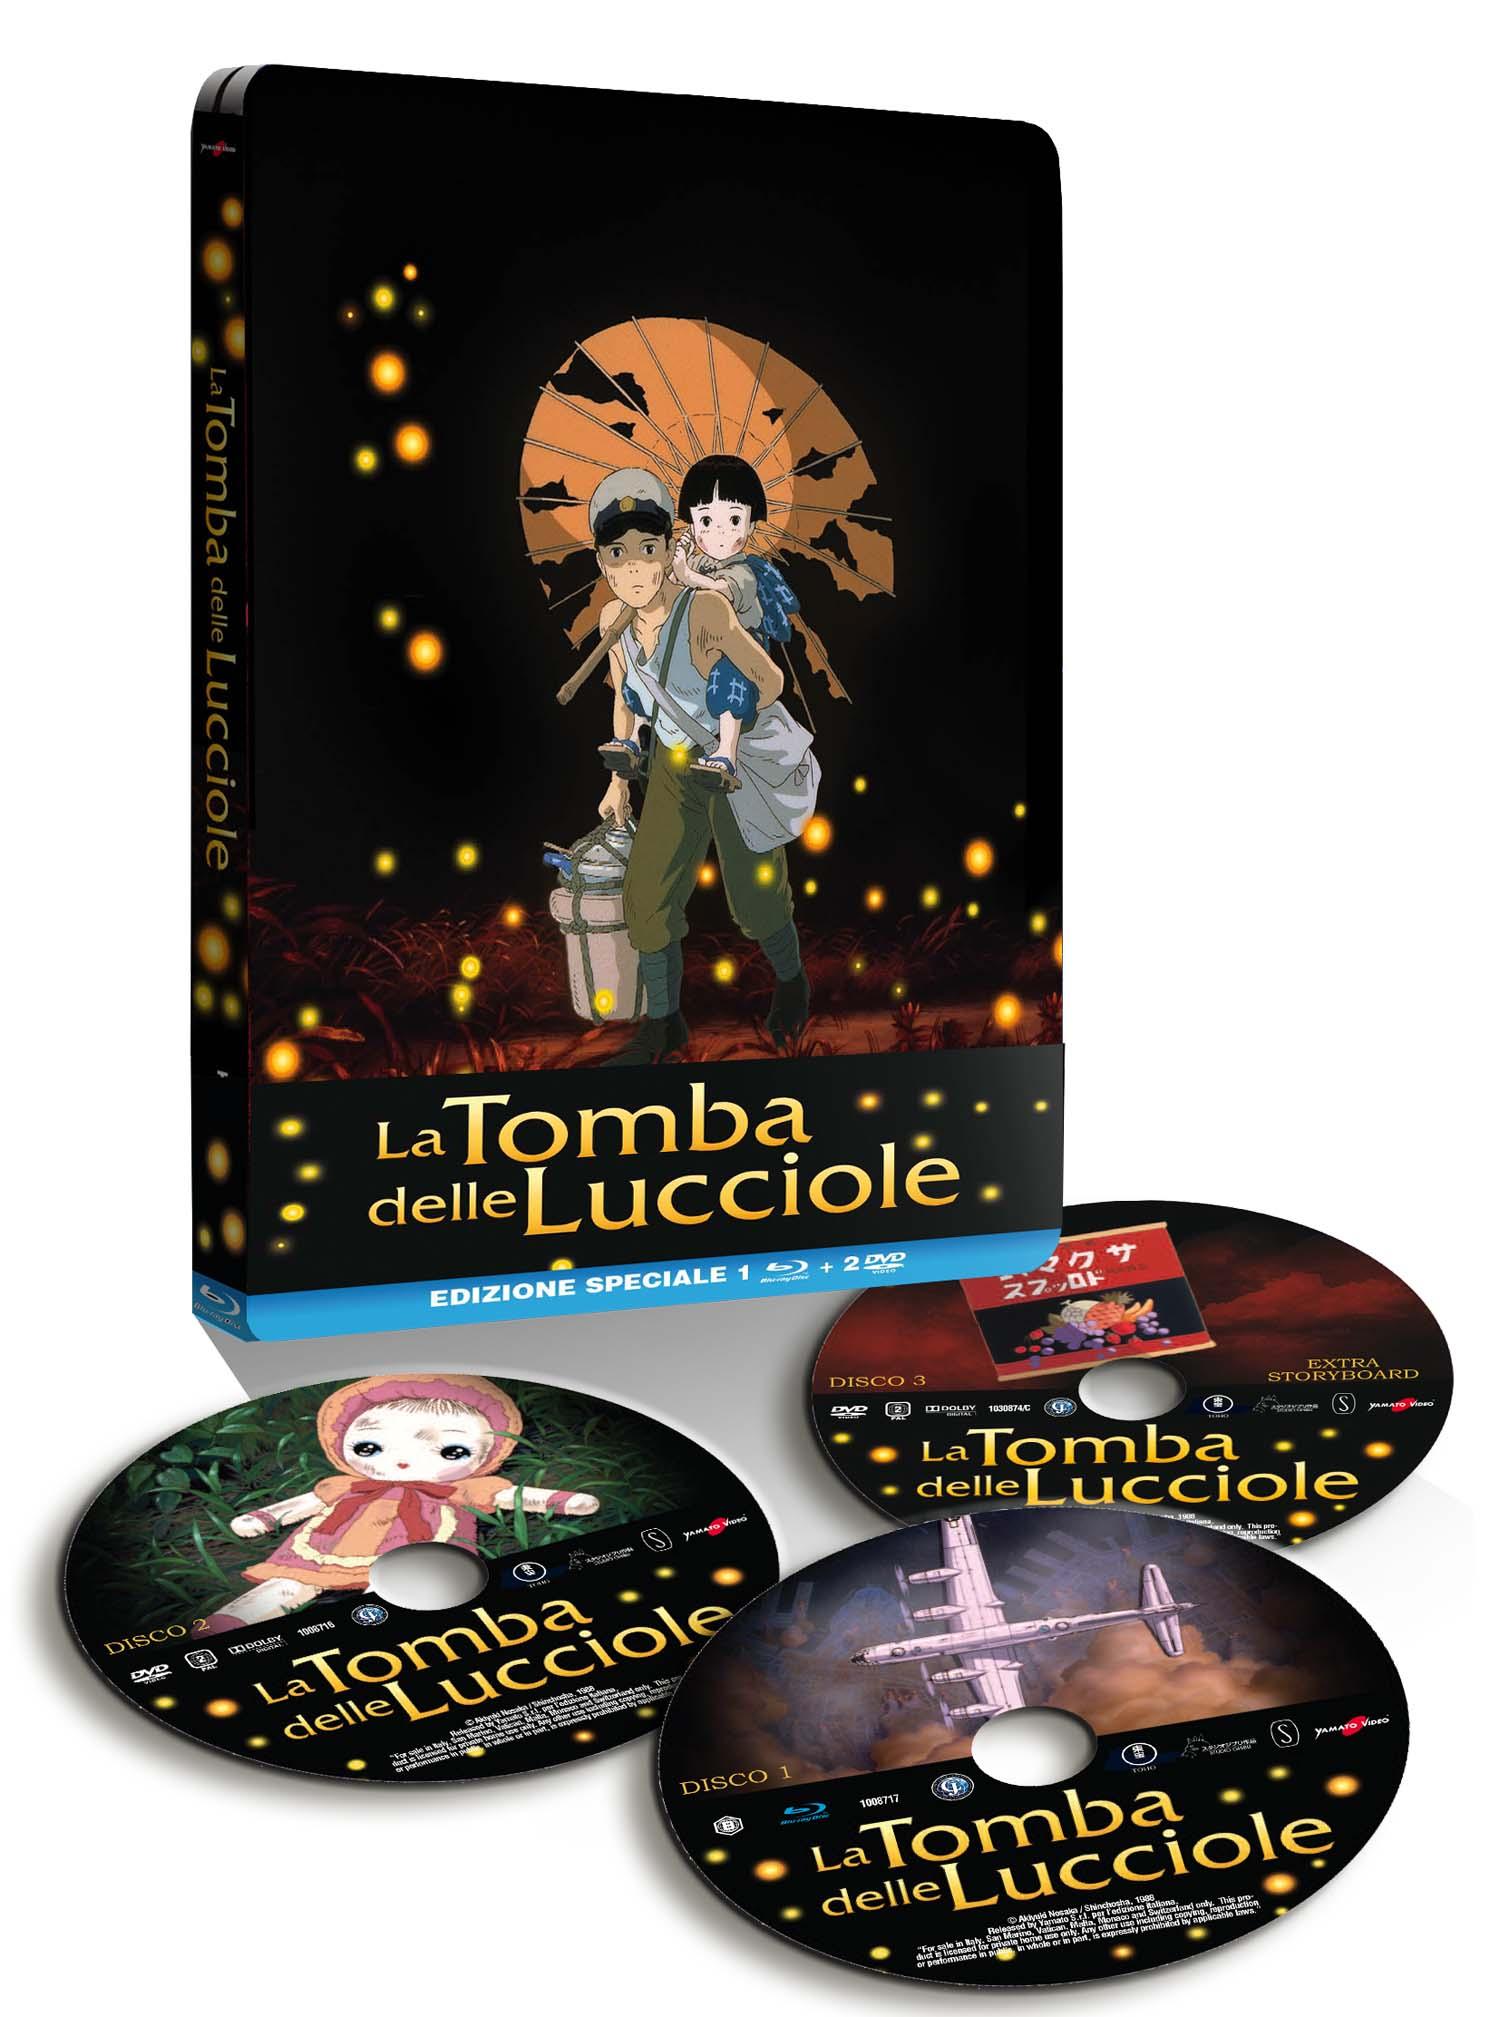 COF.LA TOMBA DELLE LUCCIOLE (STEELBOOK) (2 DVD+BLU-RAY)